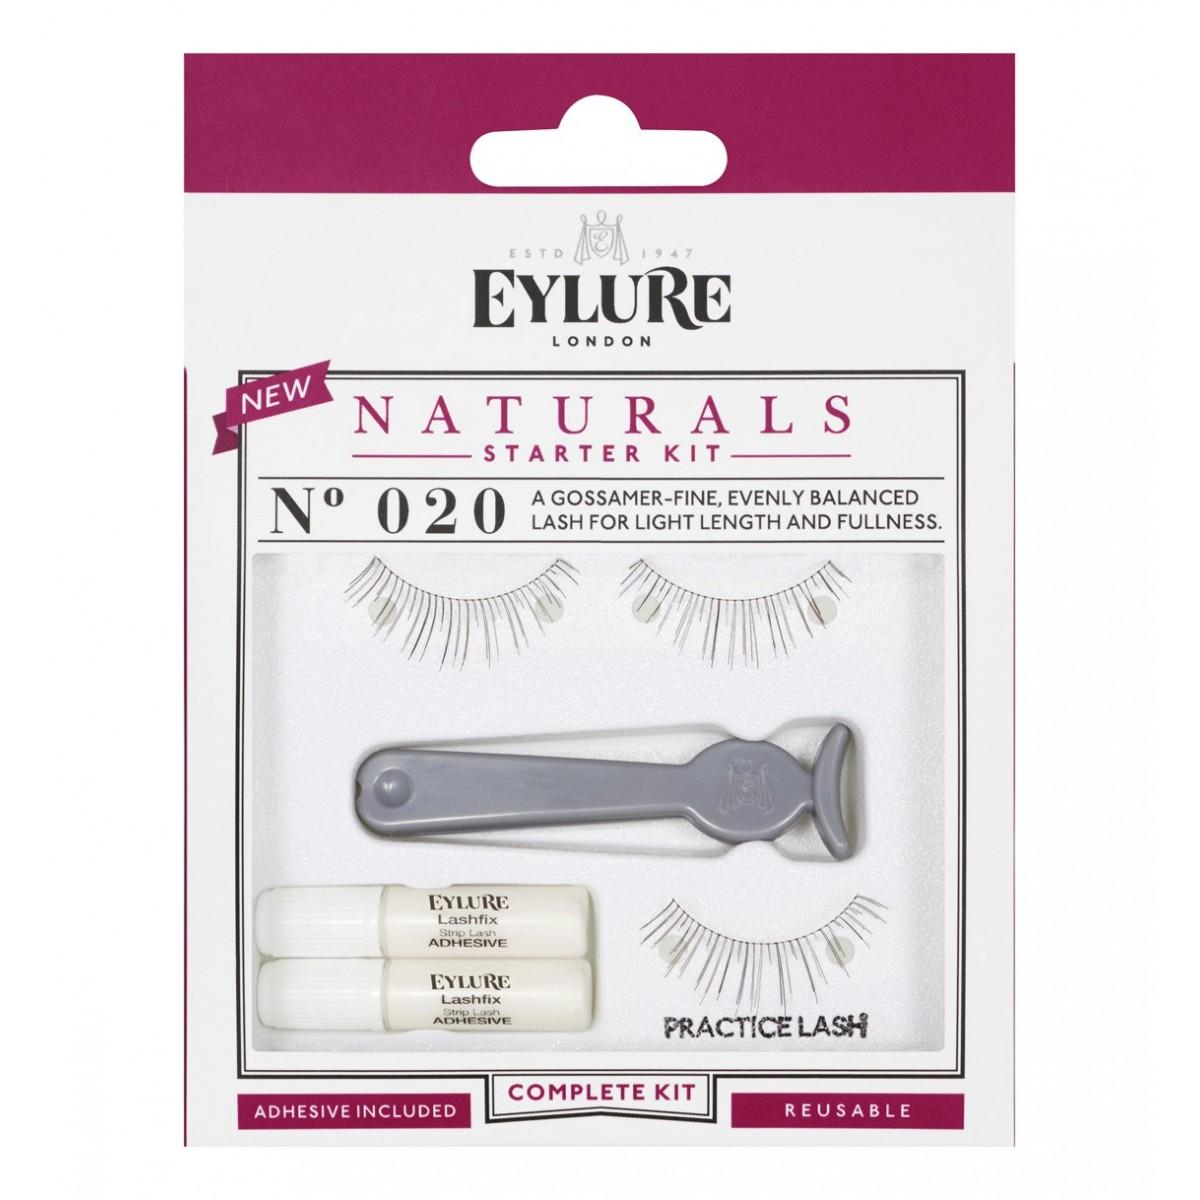 Kit de pose Starter Kit Naturals N020 Eylure packaging